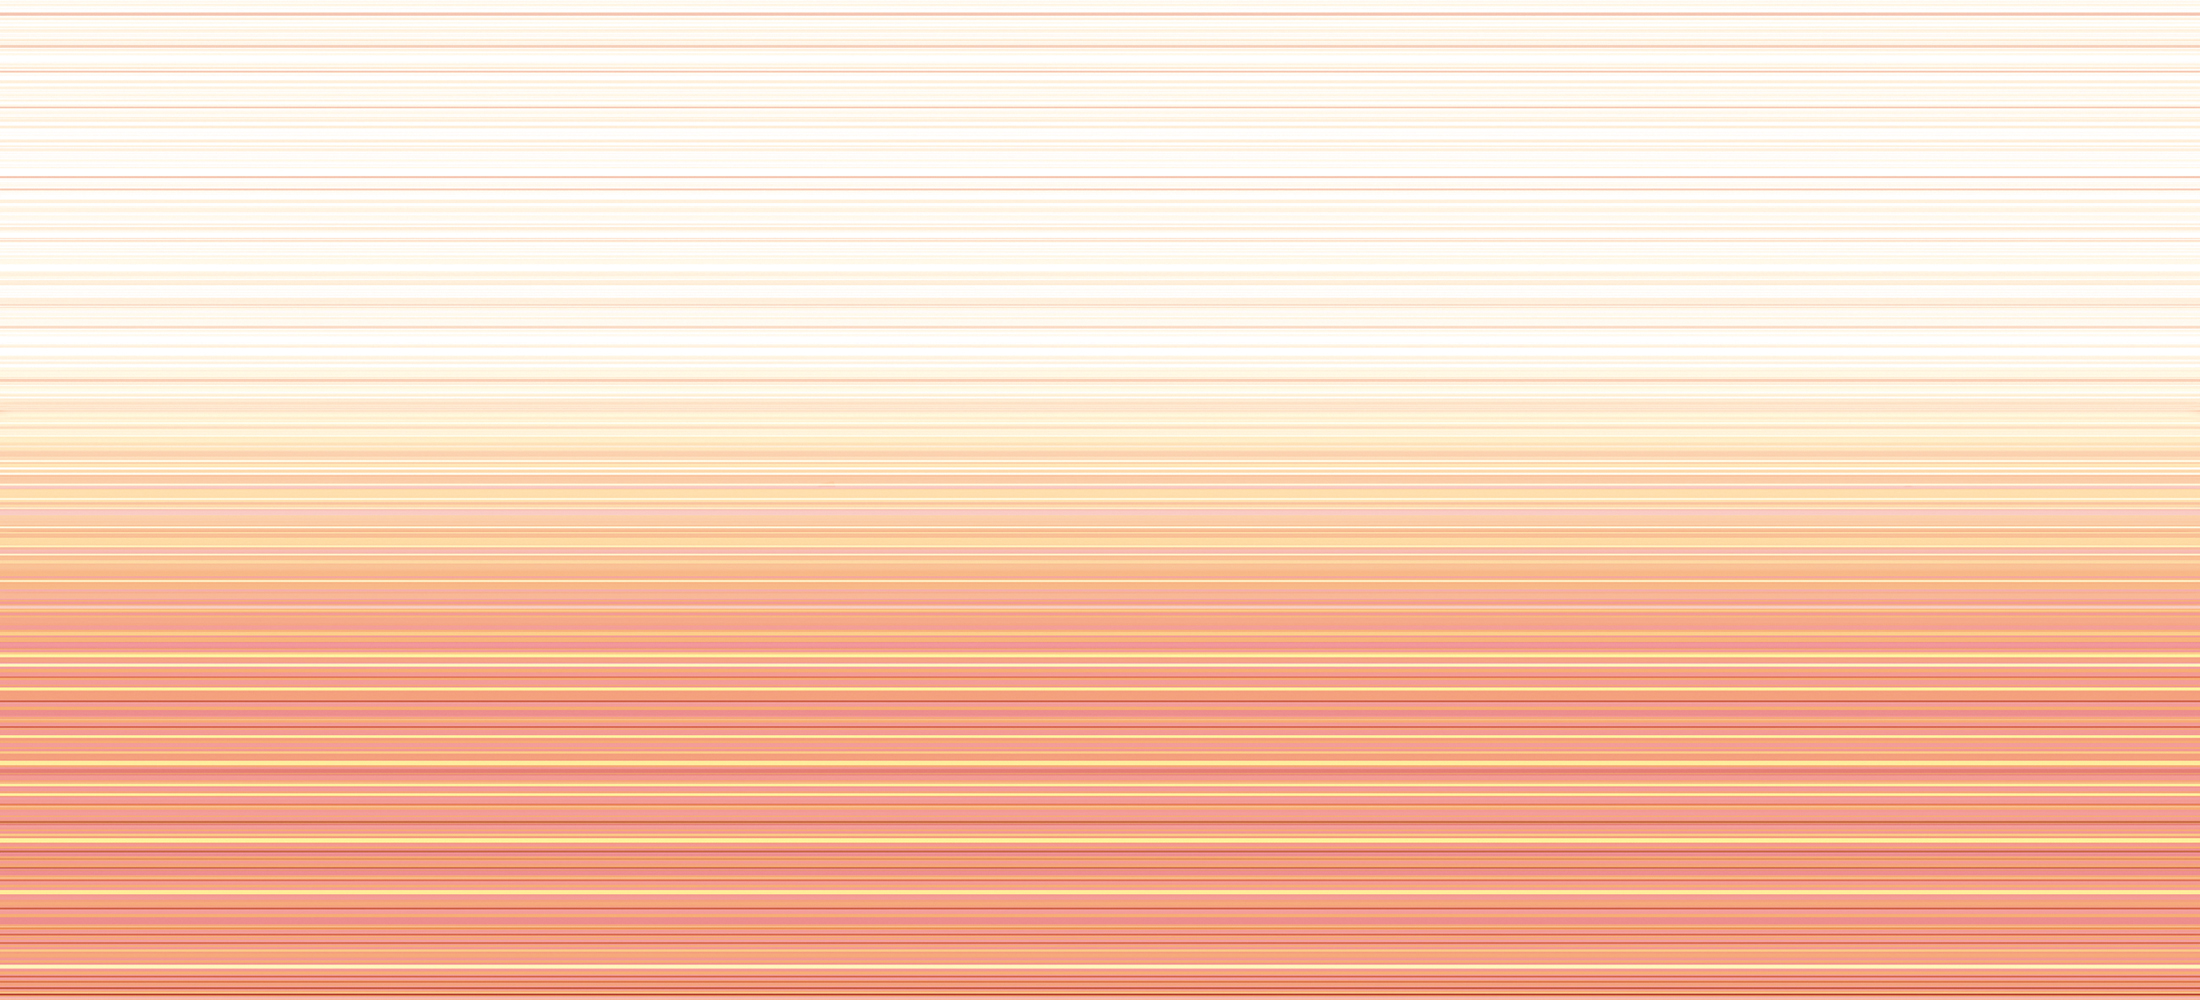 Плитка облицовочная Rovese (cersanit)Керамическая плитка<br>Коллекция: Sunrise,<br>Тип: плитка,<br>Место укладки: стены,<br>Назначение плитки: для ванной комнаты, туалета,<br>Рисунок: флора,<br>Цвет: светло-розовый,<br>Поверхность: глянцевая,<br>Размер плитки: 200х440,<br>Толщина: 7,<br>Страна происхождения: Россия,<br>Количество в упаковке: 12,<br>м2 в упаковке: 1.05<br>